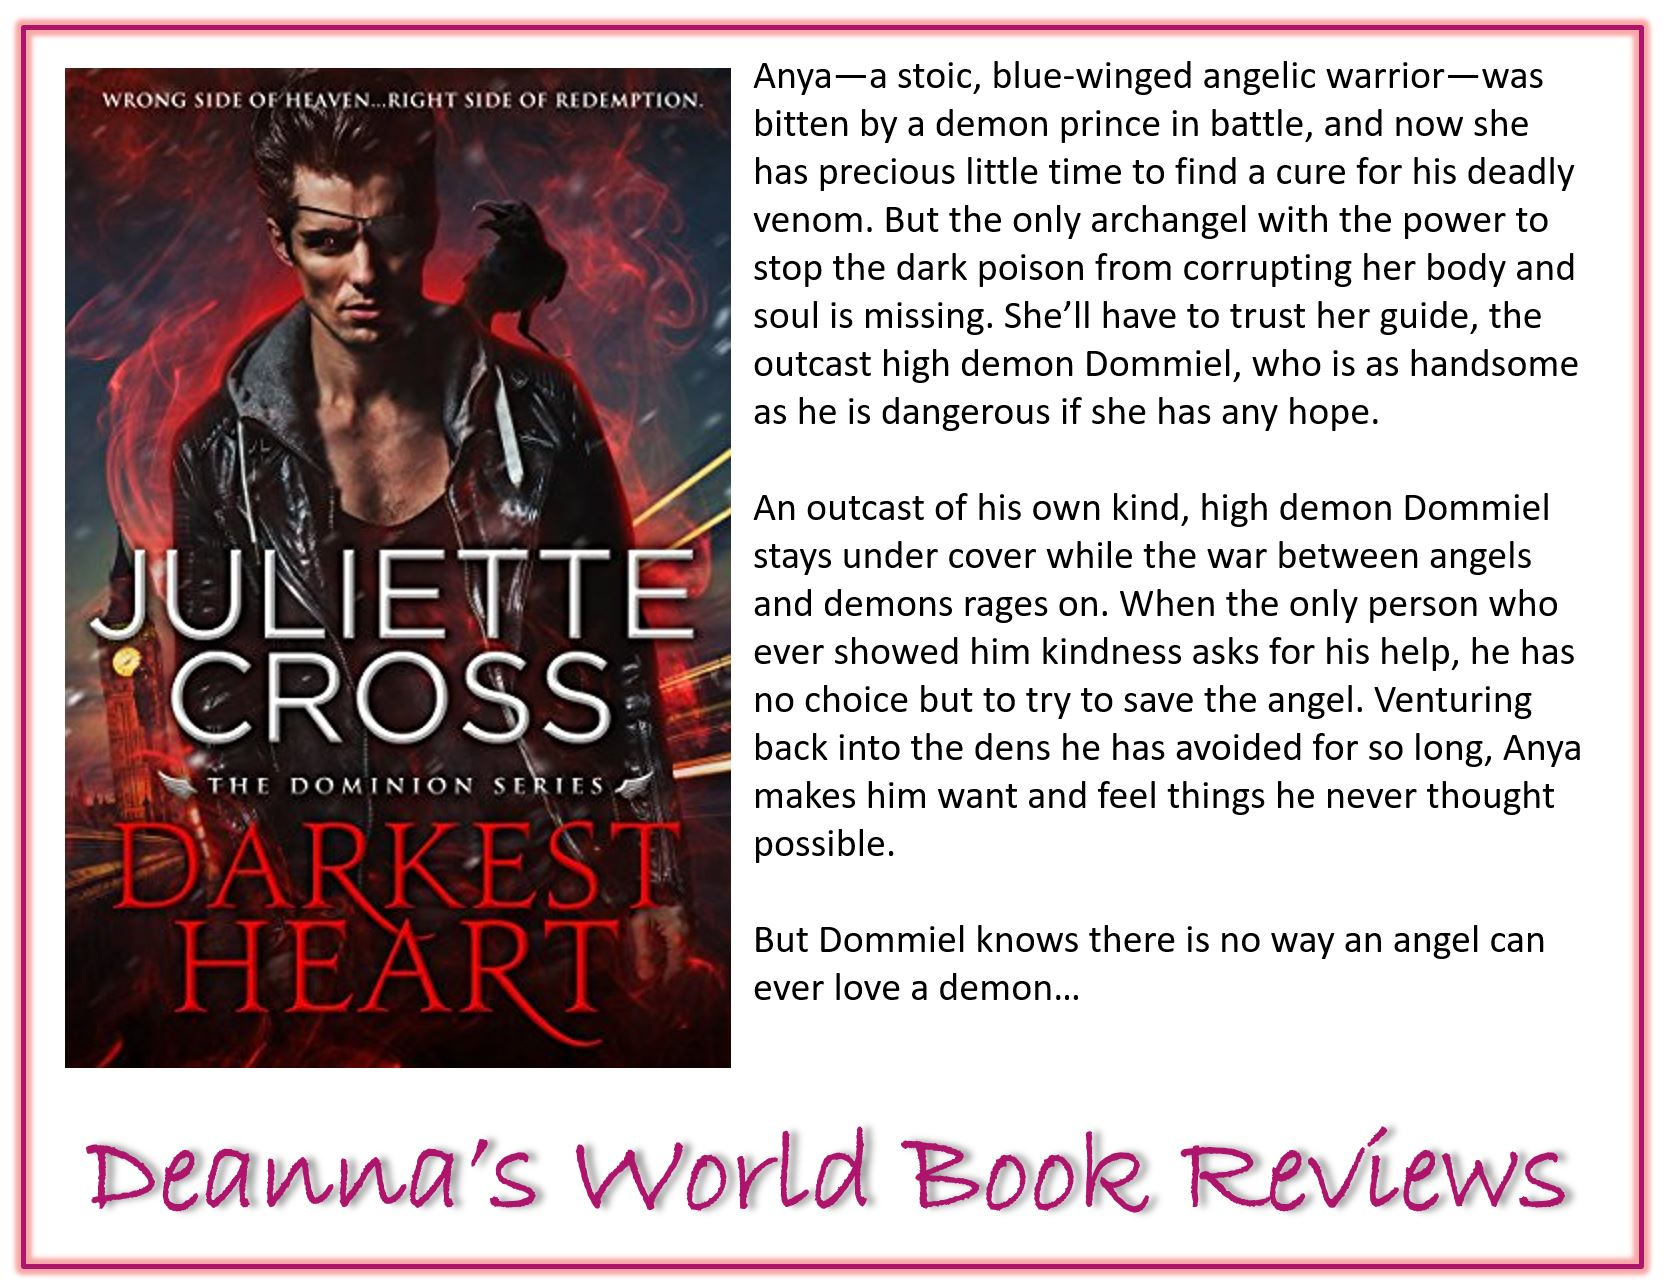 Darkest Heart by Juliette Cross blurb